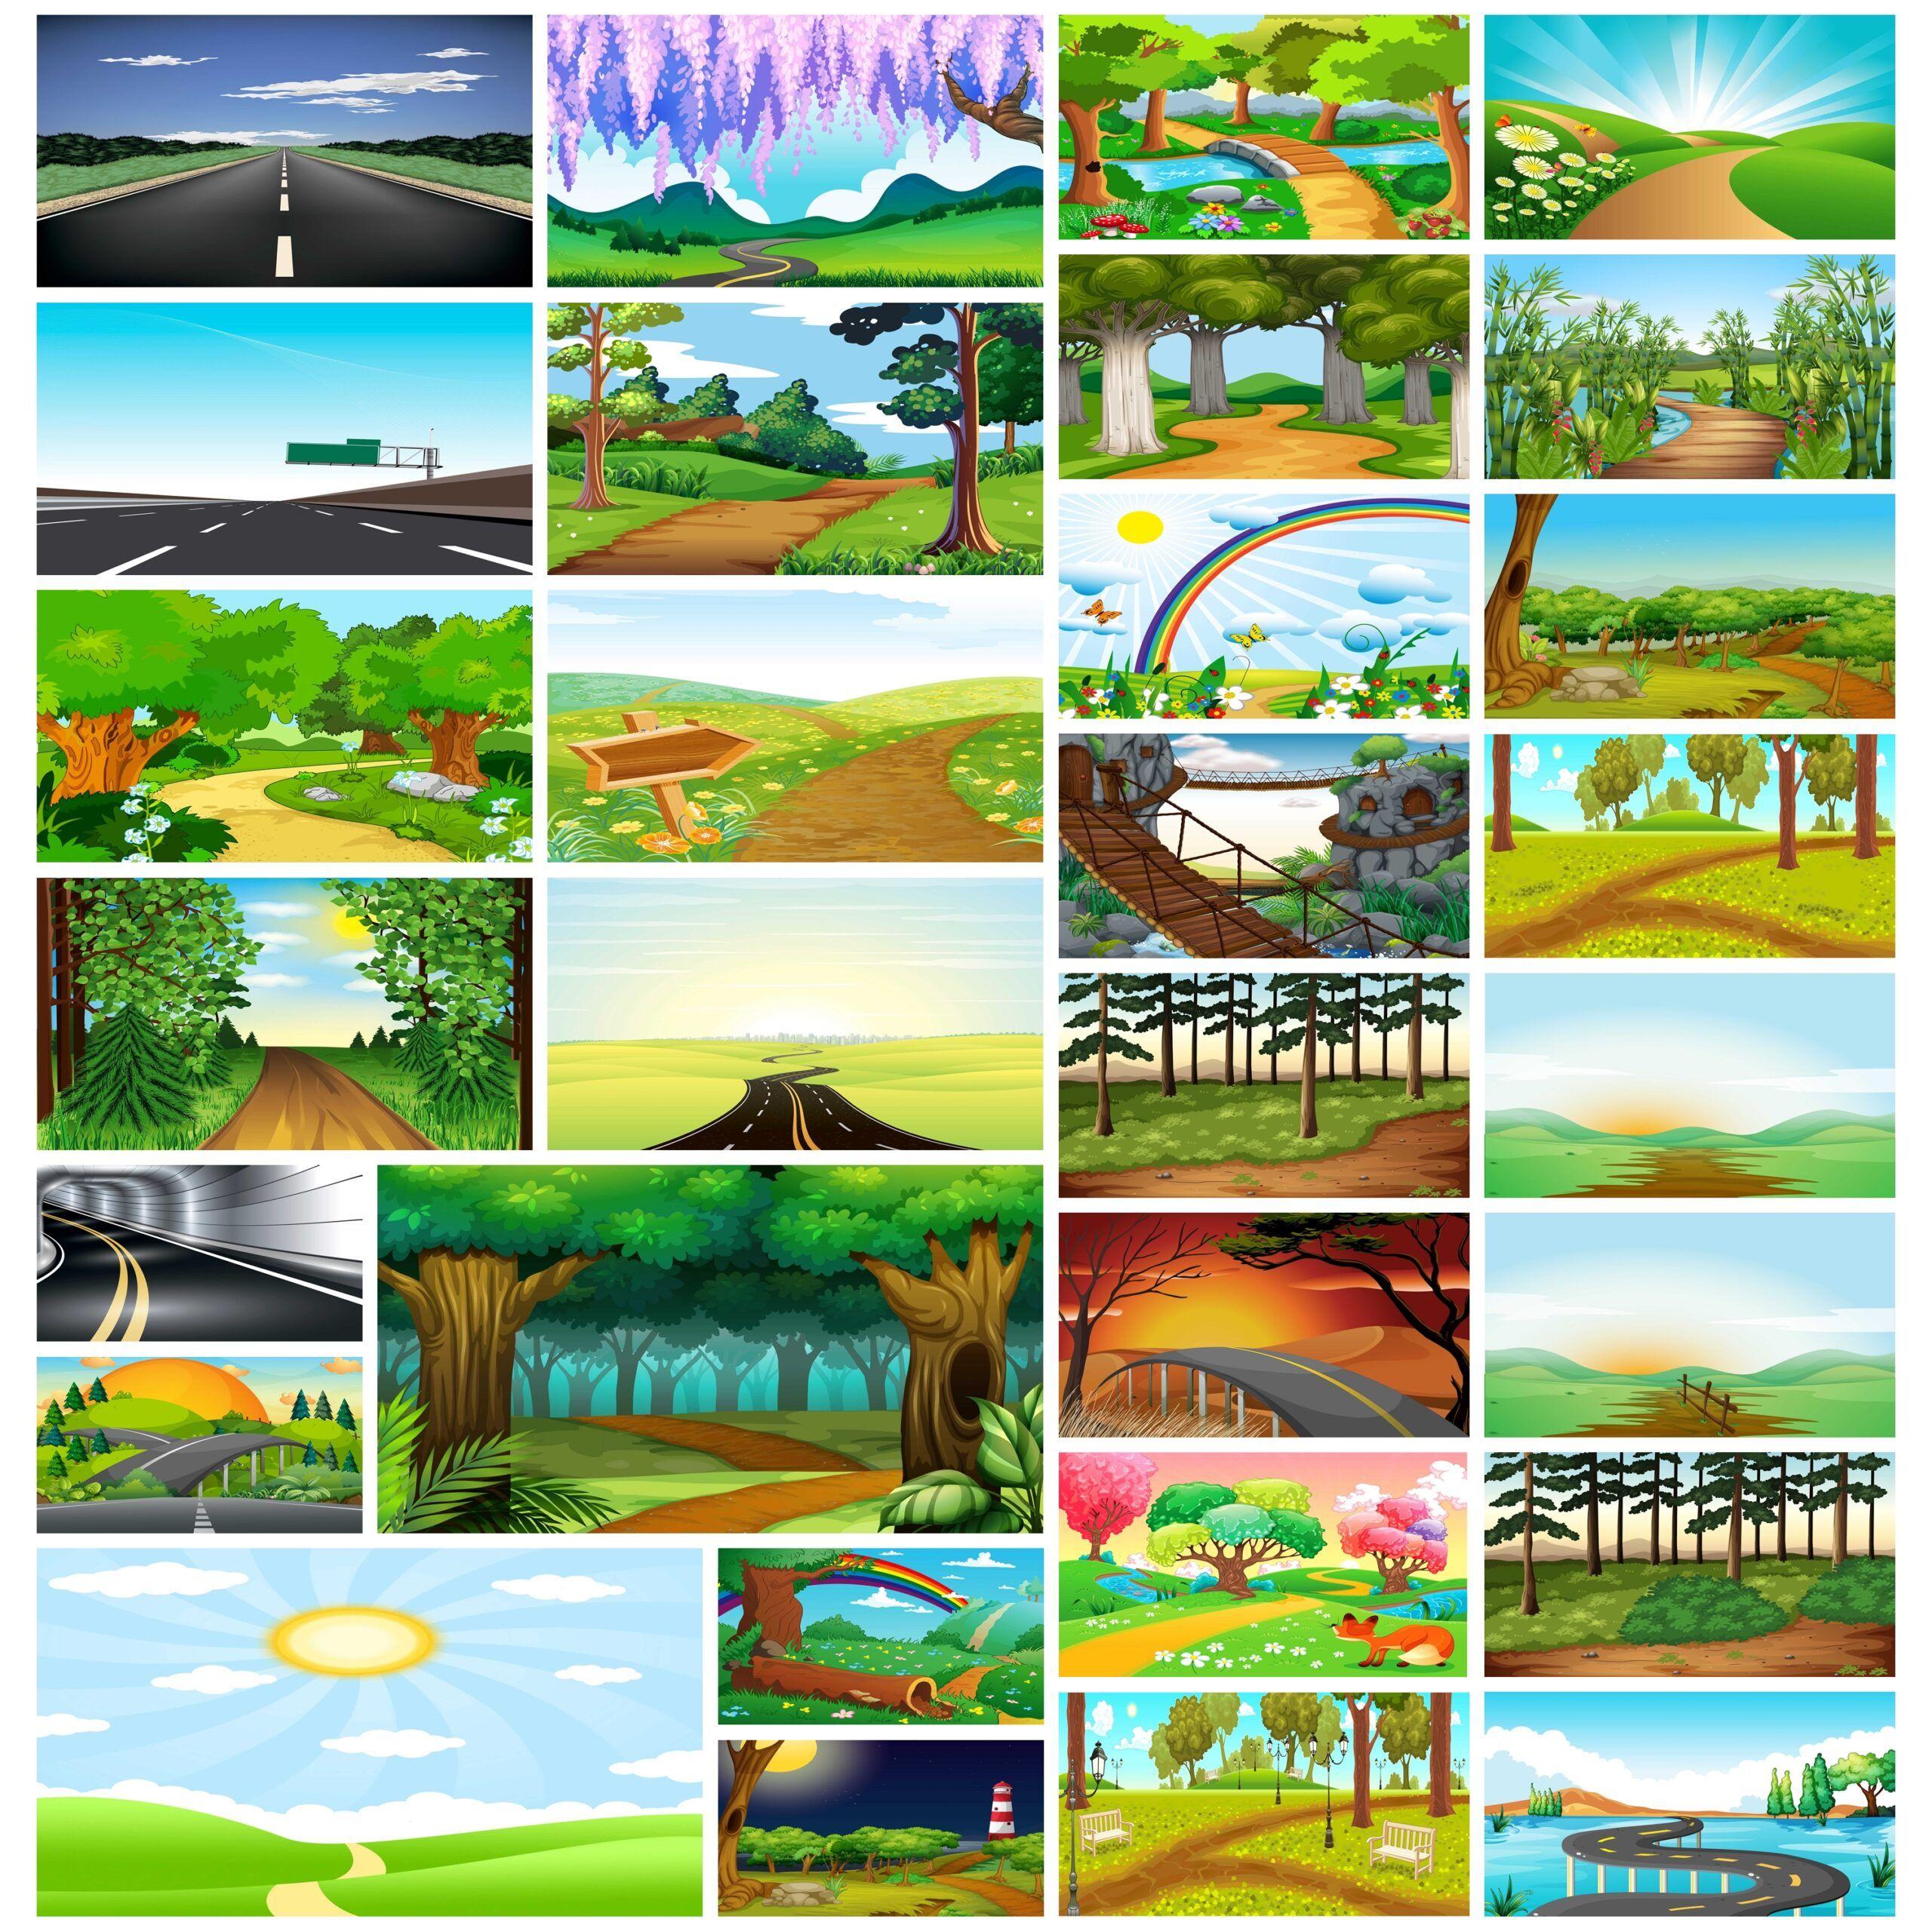 خلفيات مسار المشي طبيعية لعروض البوربوينت In 2021 Desktop Screenshot Art